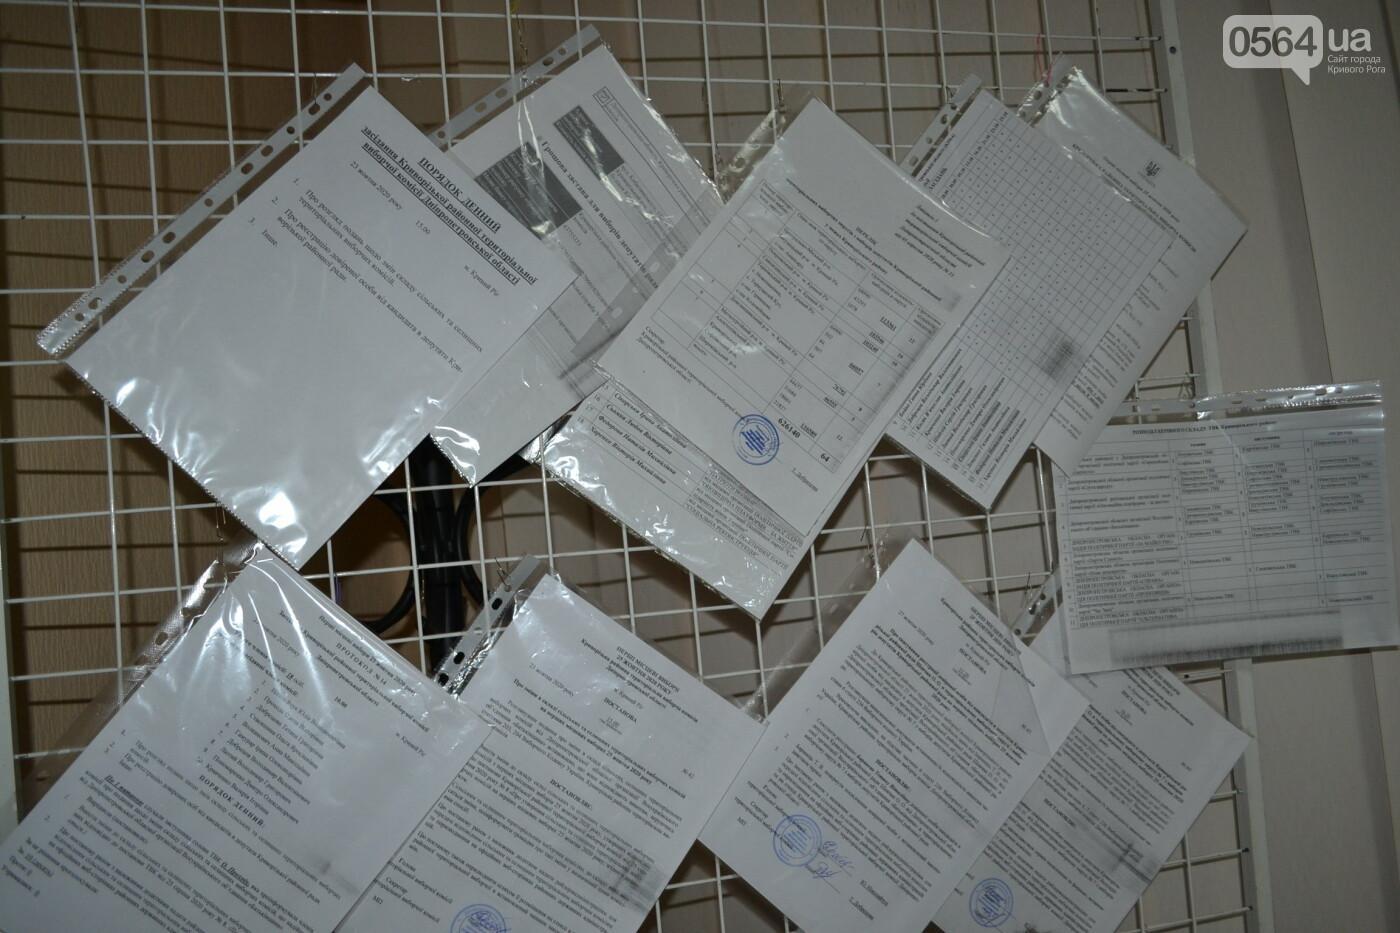 Криворожская РИК продолжает принимать протоколы об итогах голосования на выборах в райсовет, - ФОТО, фото-7